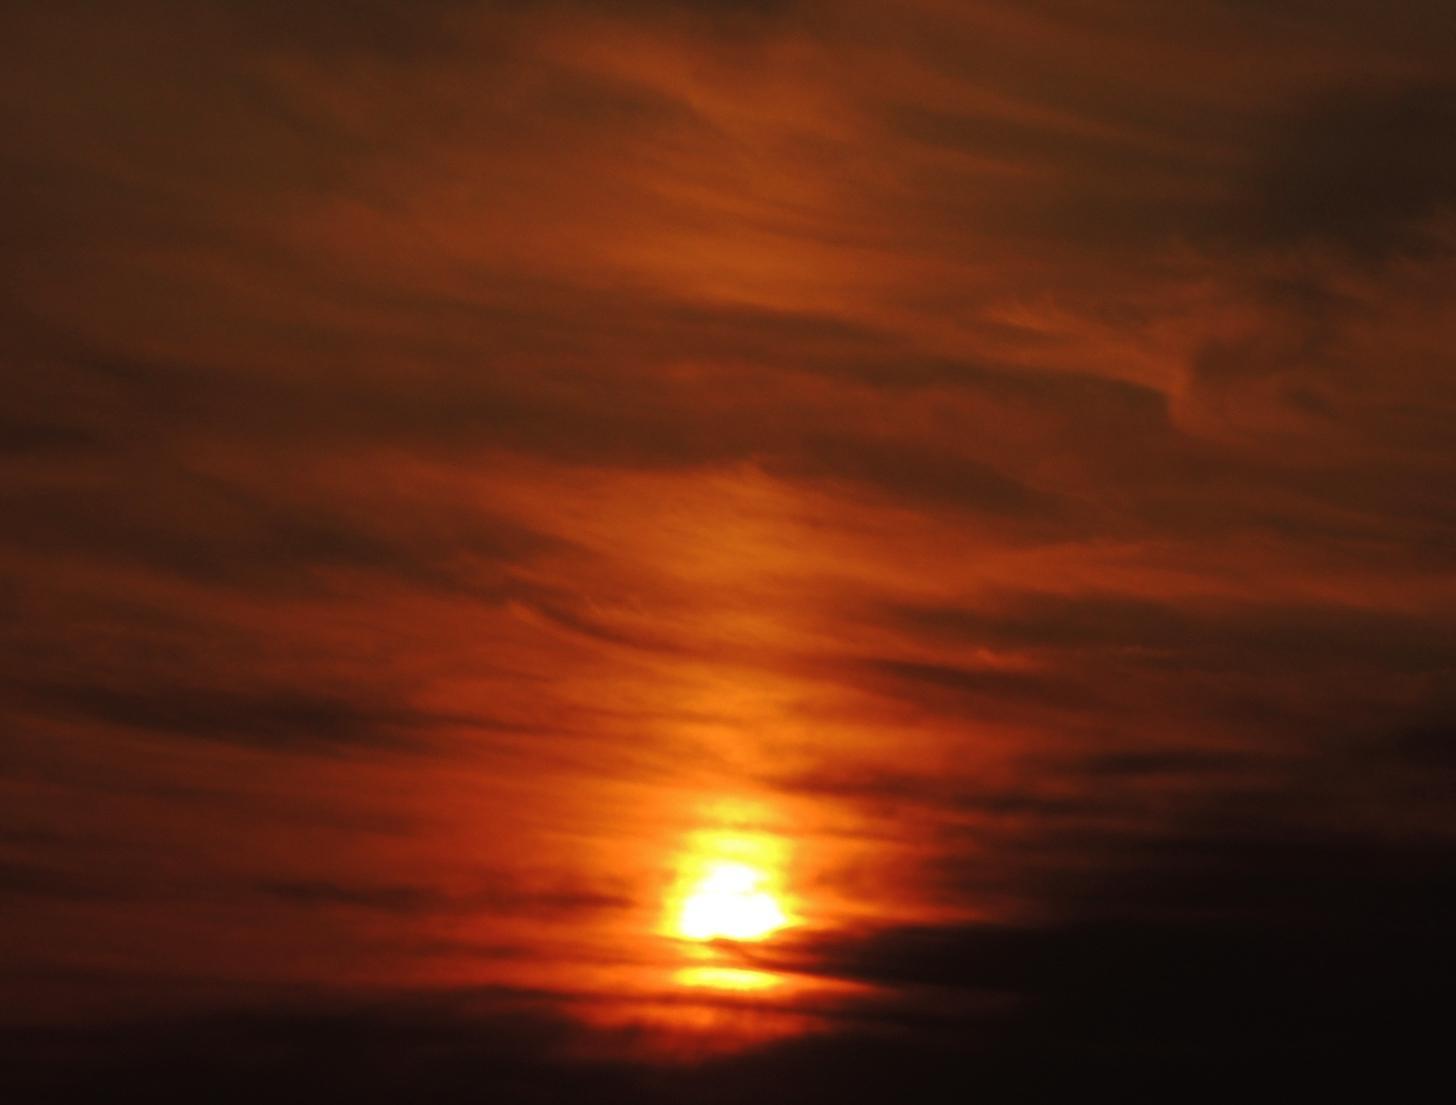 太陽柱(サンピラー)現象